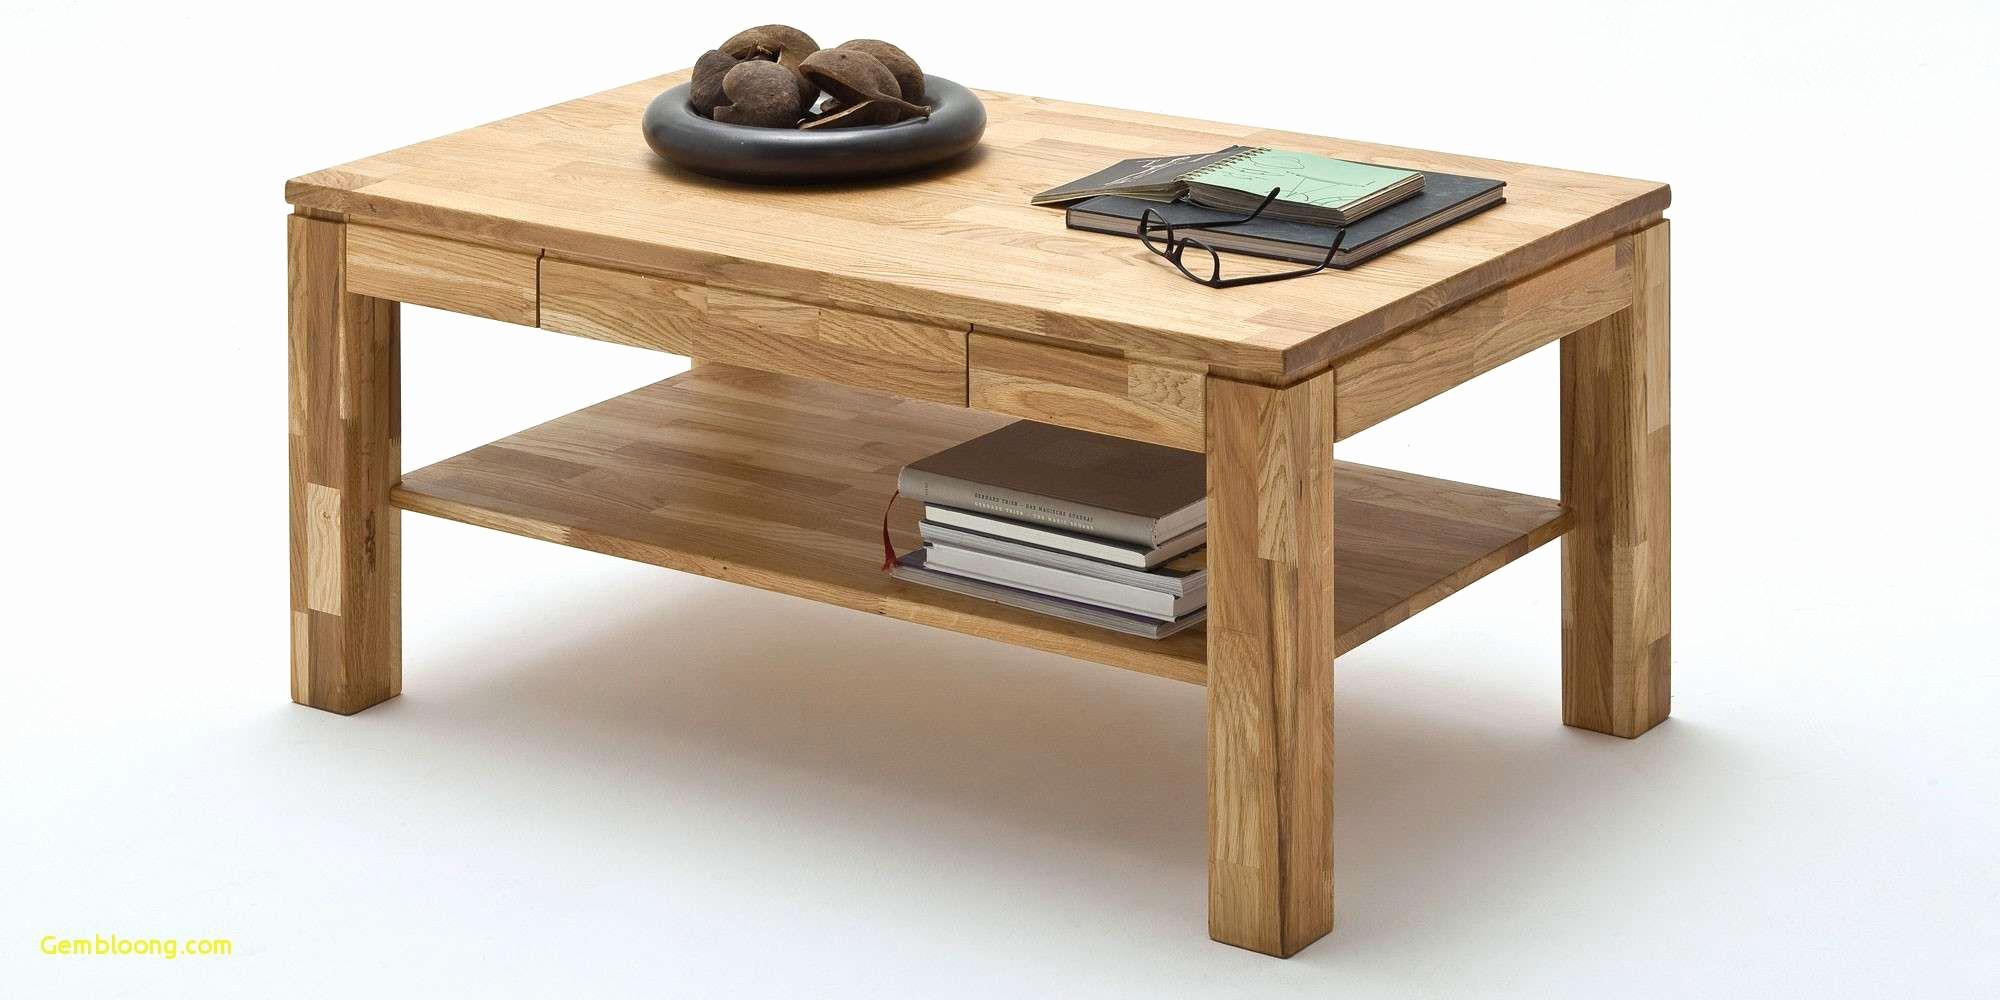 Deko Ideen Aus Holz Selber Machen Genial Beistelltisch Ideen Deko Selber Machen Ikea Tisch Bauen Holz